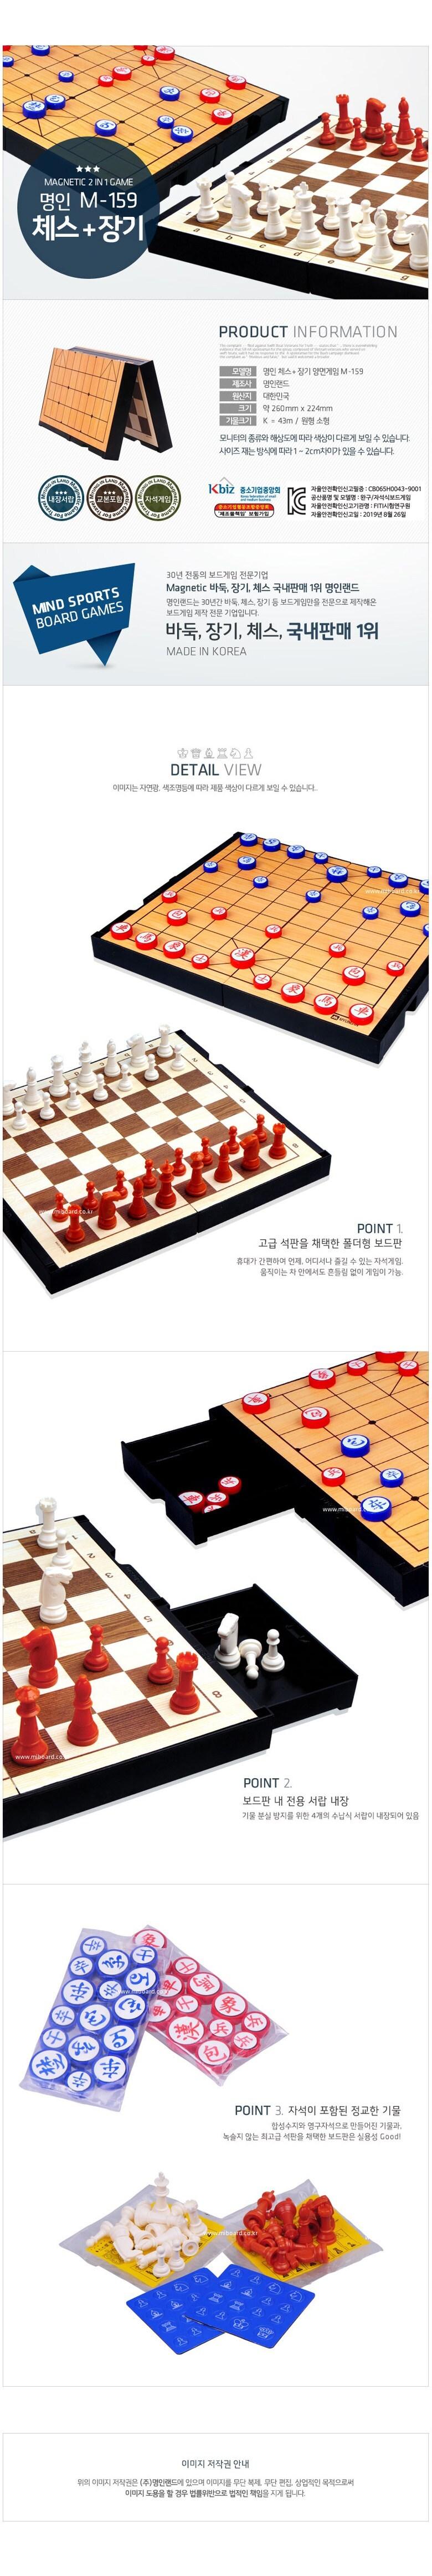 [명인바둑] 소형 자석 체스+장기(양면) M-159 /보드게임 - 피에스컴퍼니, 25,200원, 보드게임, 두뇌 게임